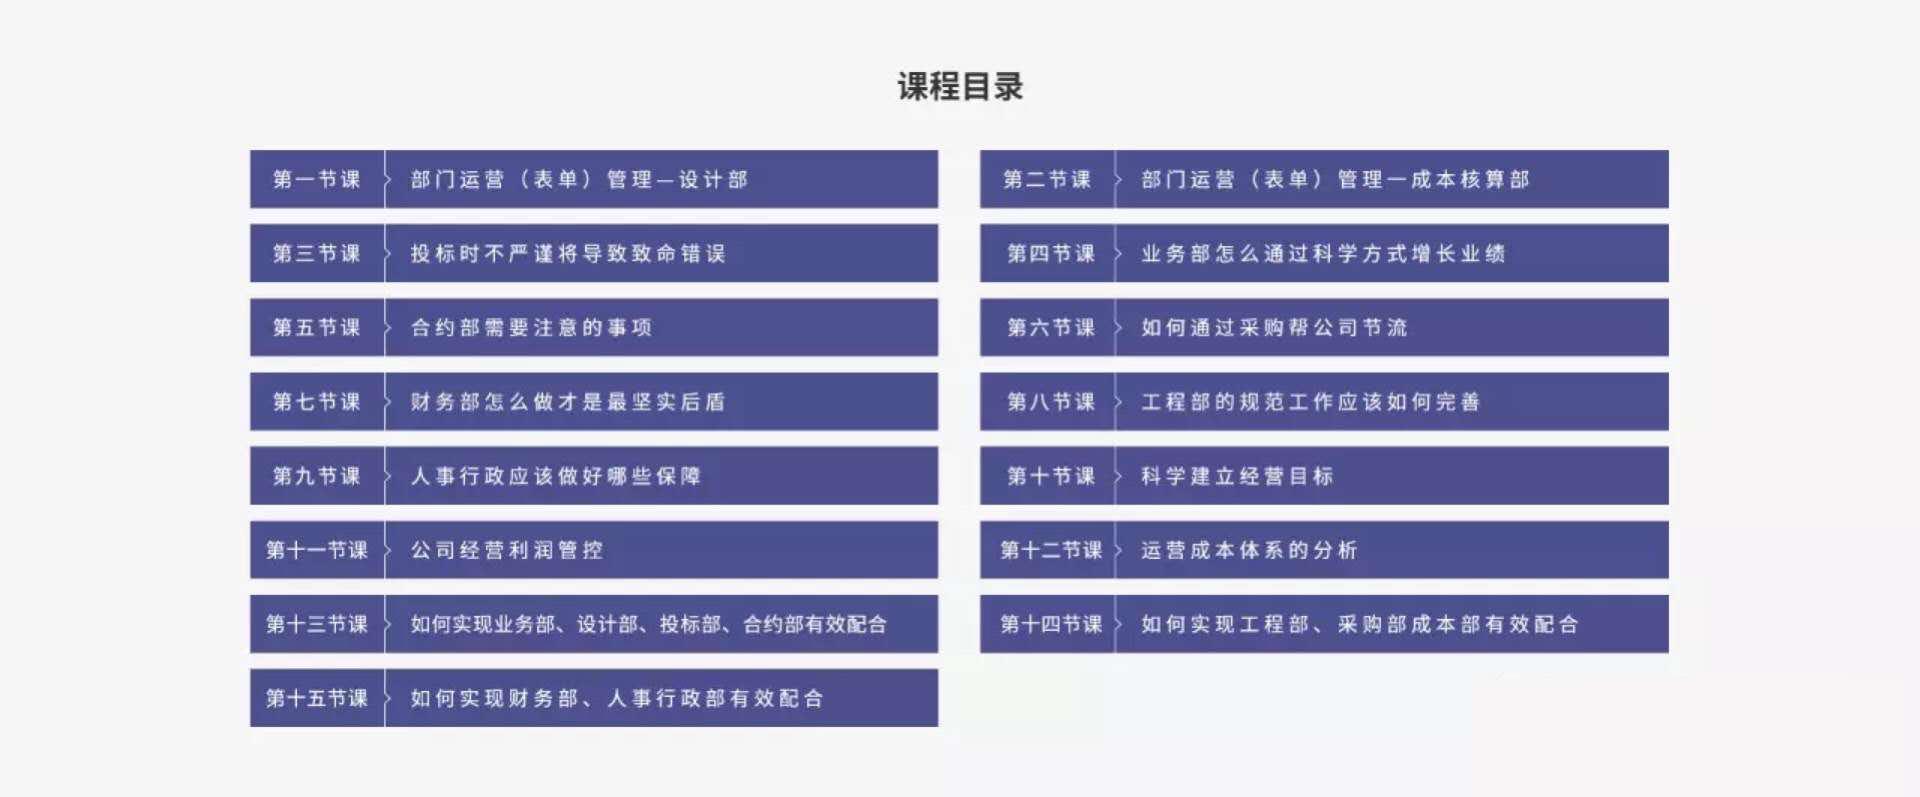 【D167】装饰公司运营管理技巧教程丨合约丨财务丨行政丨利润管控丨各部门的配合等